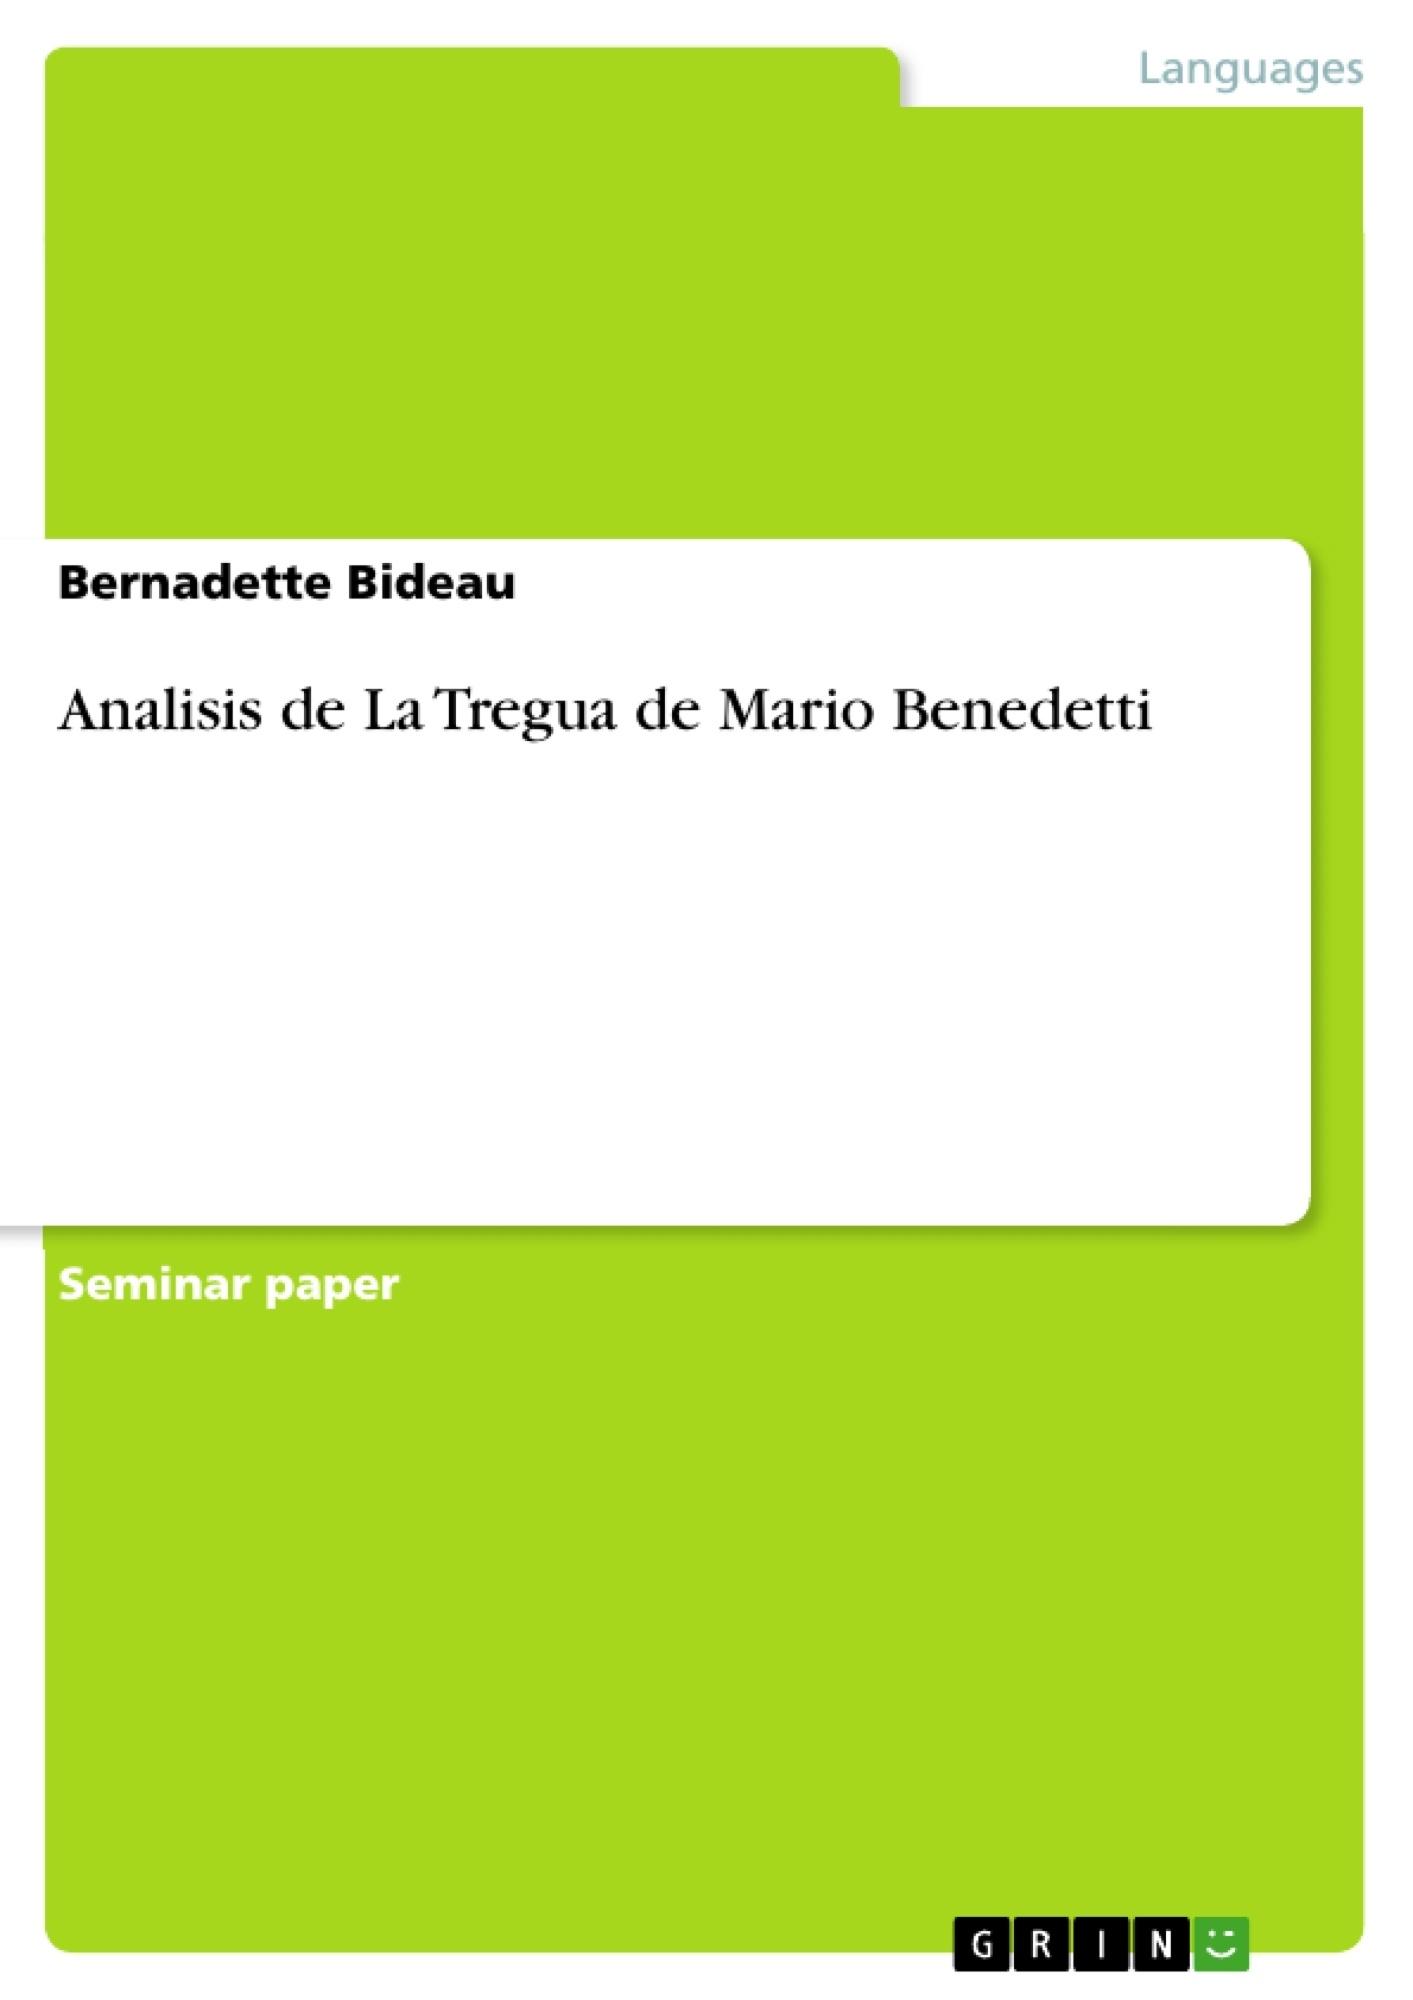 Analisis De La Tregua De Mario Benedetti Grin